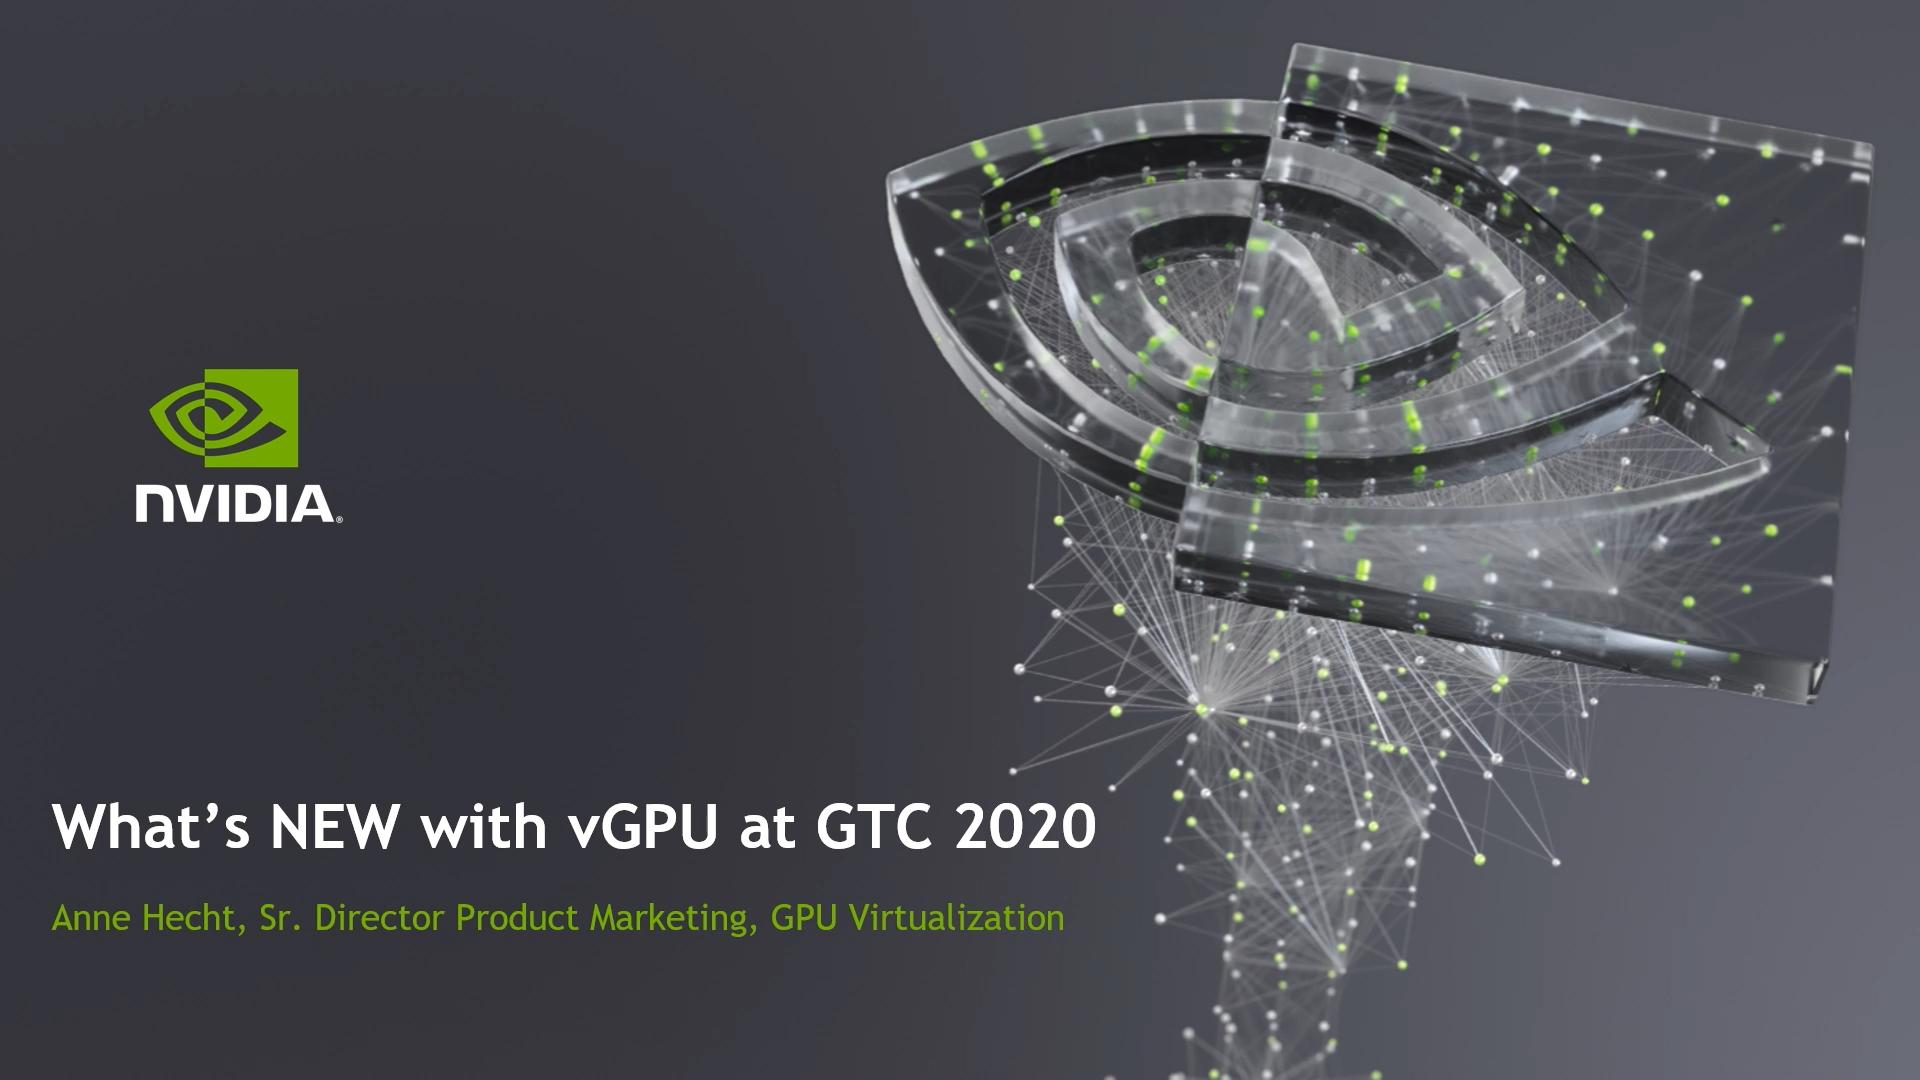 Генеральный директор NVIDIA Дженсен Хуанг выступит с докладом на GTC 2021 со своей кухни